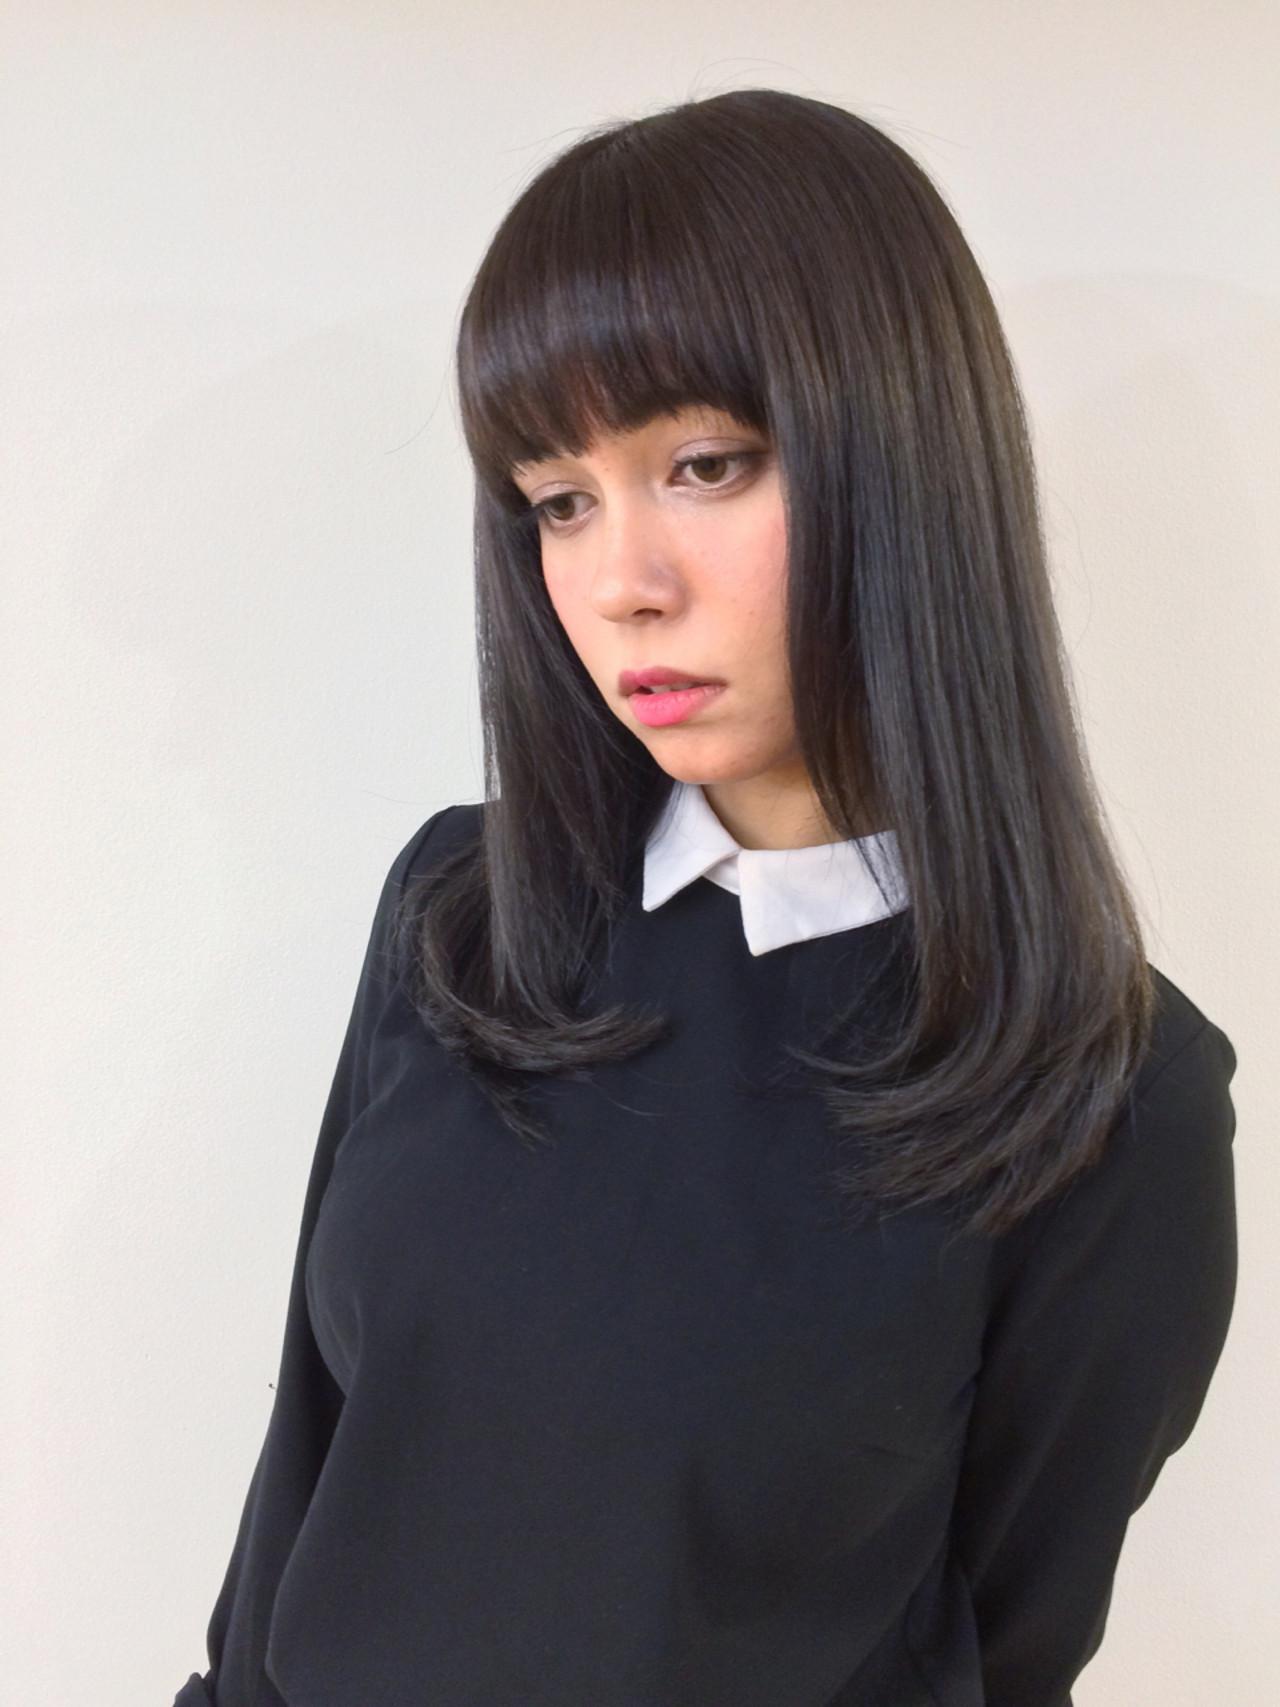 黒髪 暗髪 ストレート ロング ヘアスタイルや髪型の写真・画像